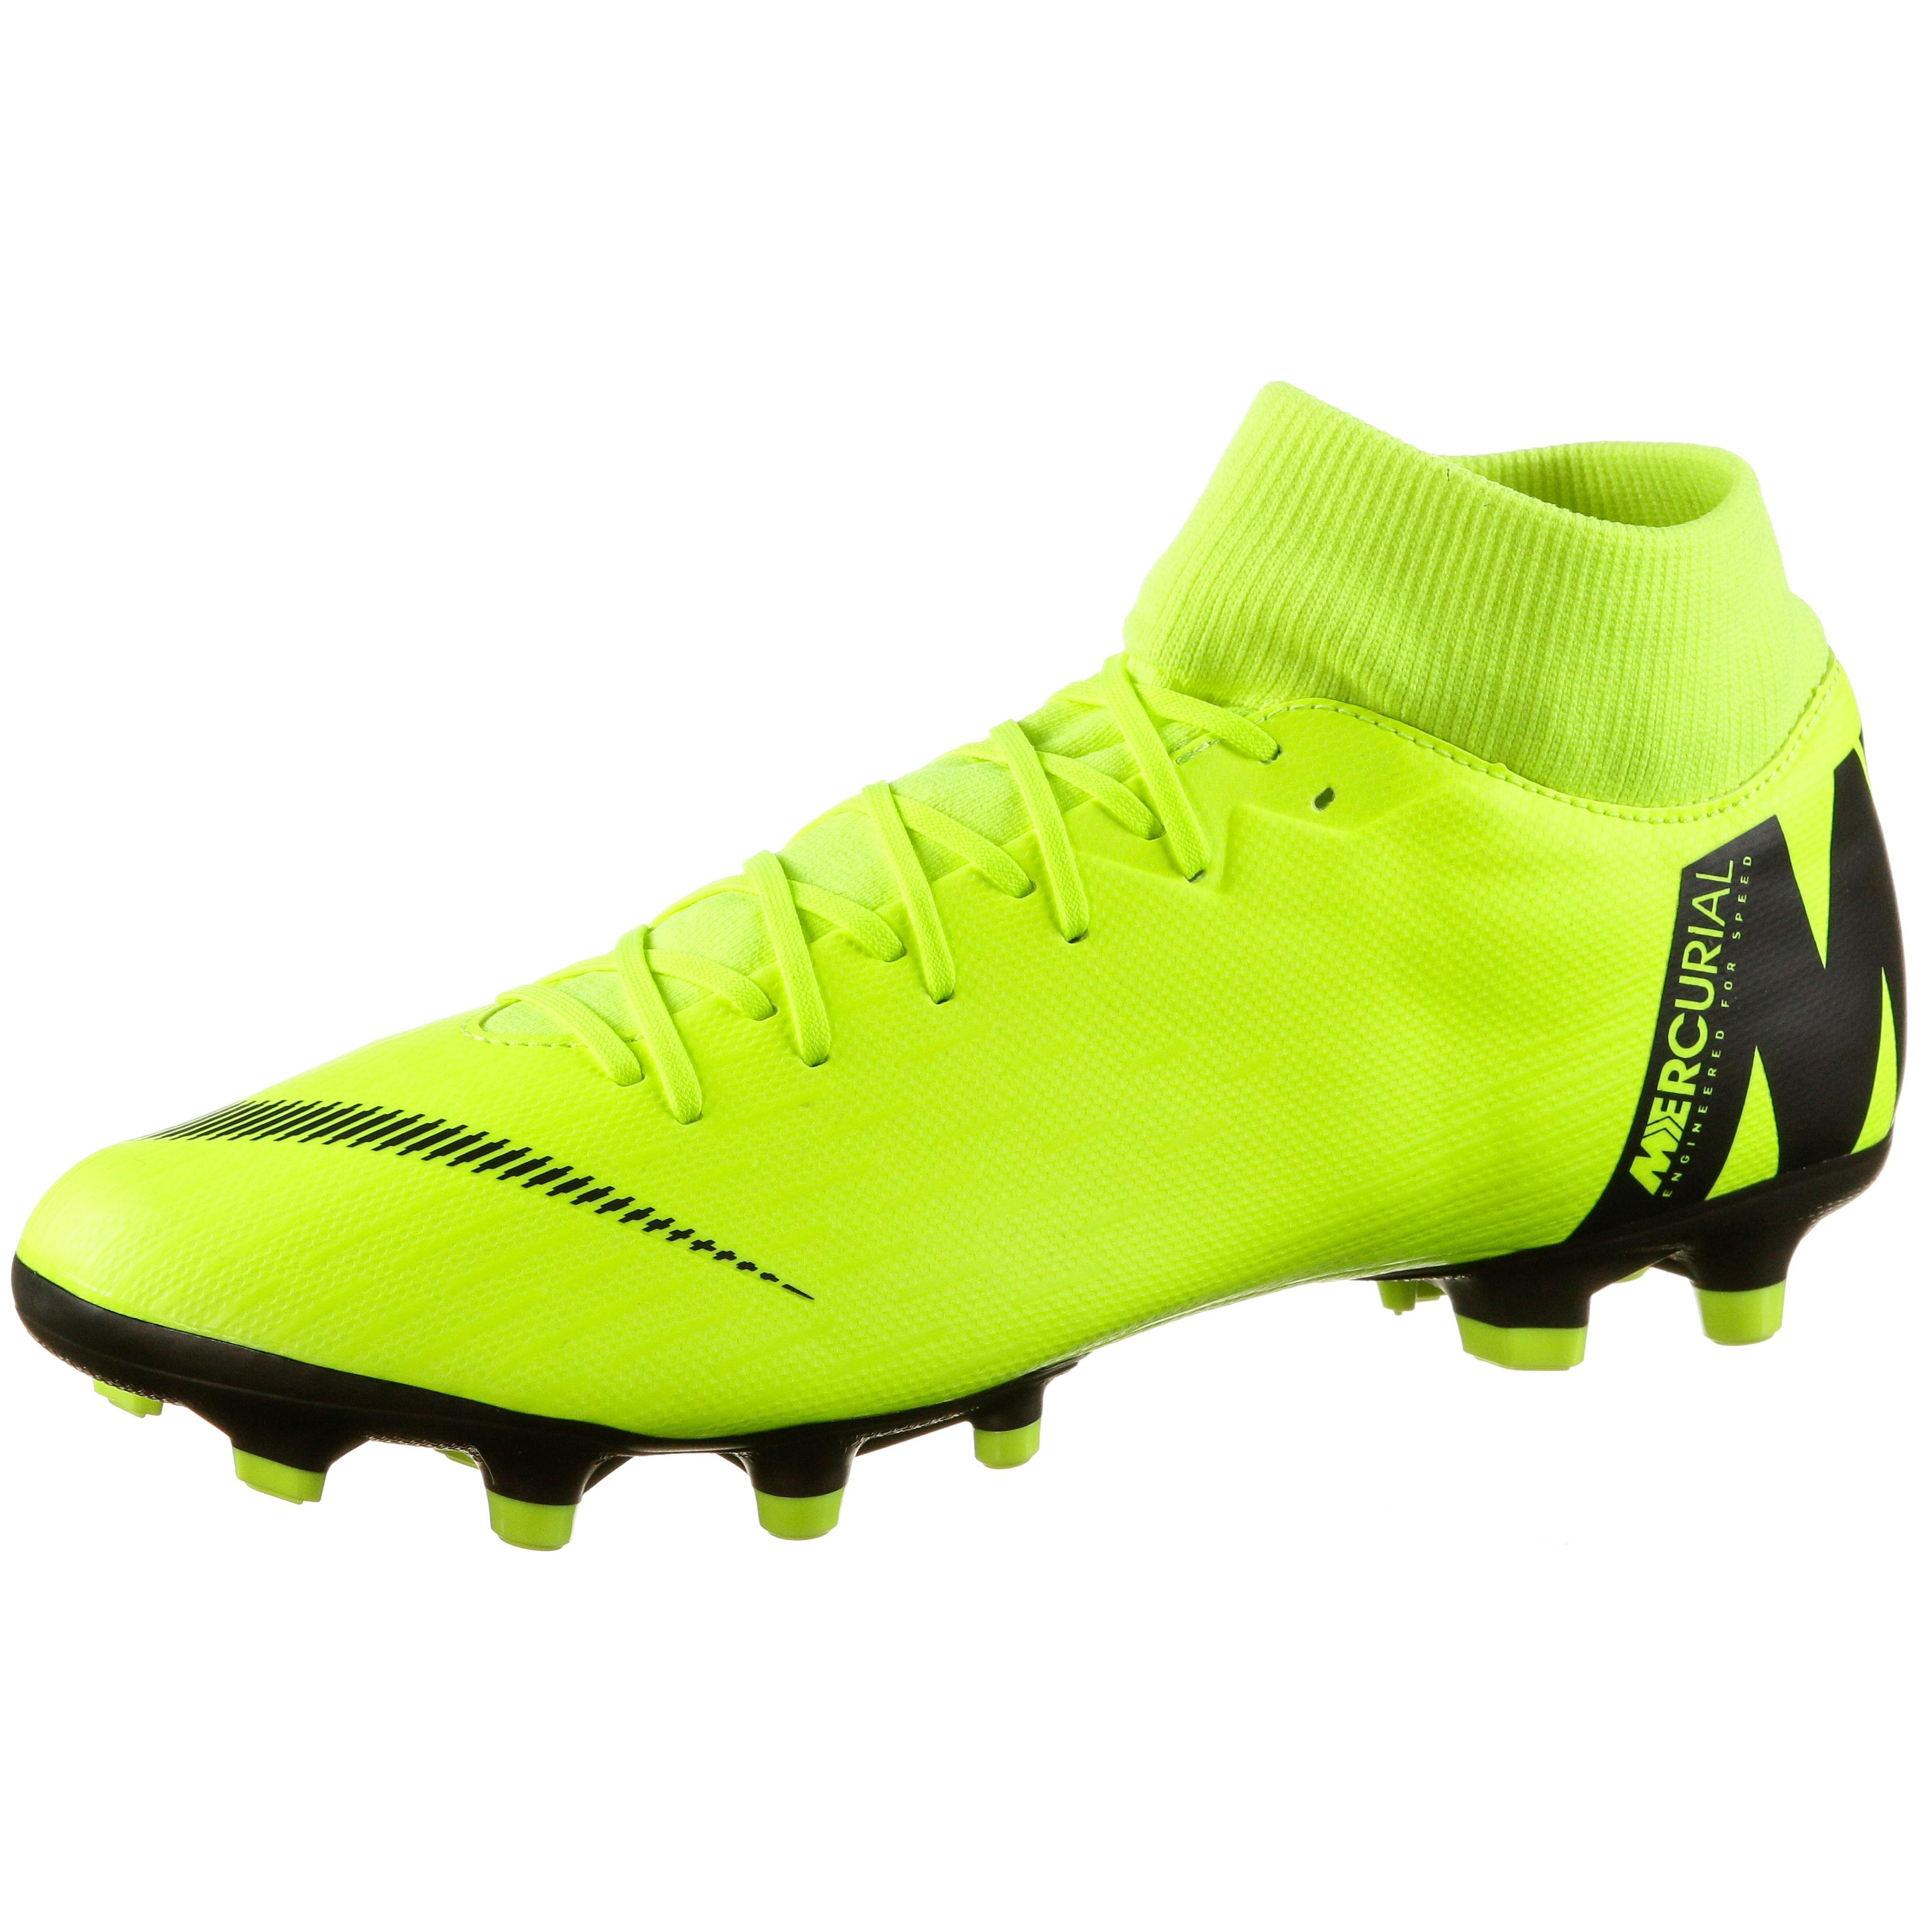 Nike MERCURIAL SUPERFLY 6 ACADEMY FG MG Fußballschuhe volt-schwarz im Online Shop von SportScheck kaufen Gute Qualität beliebte Schuhe